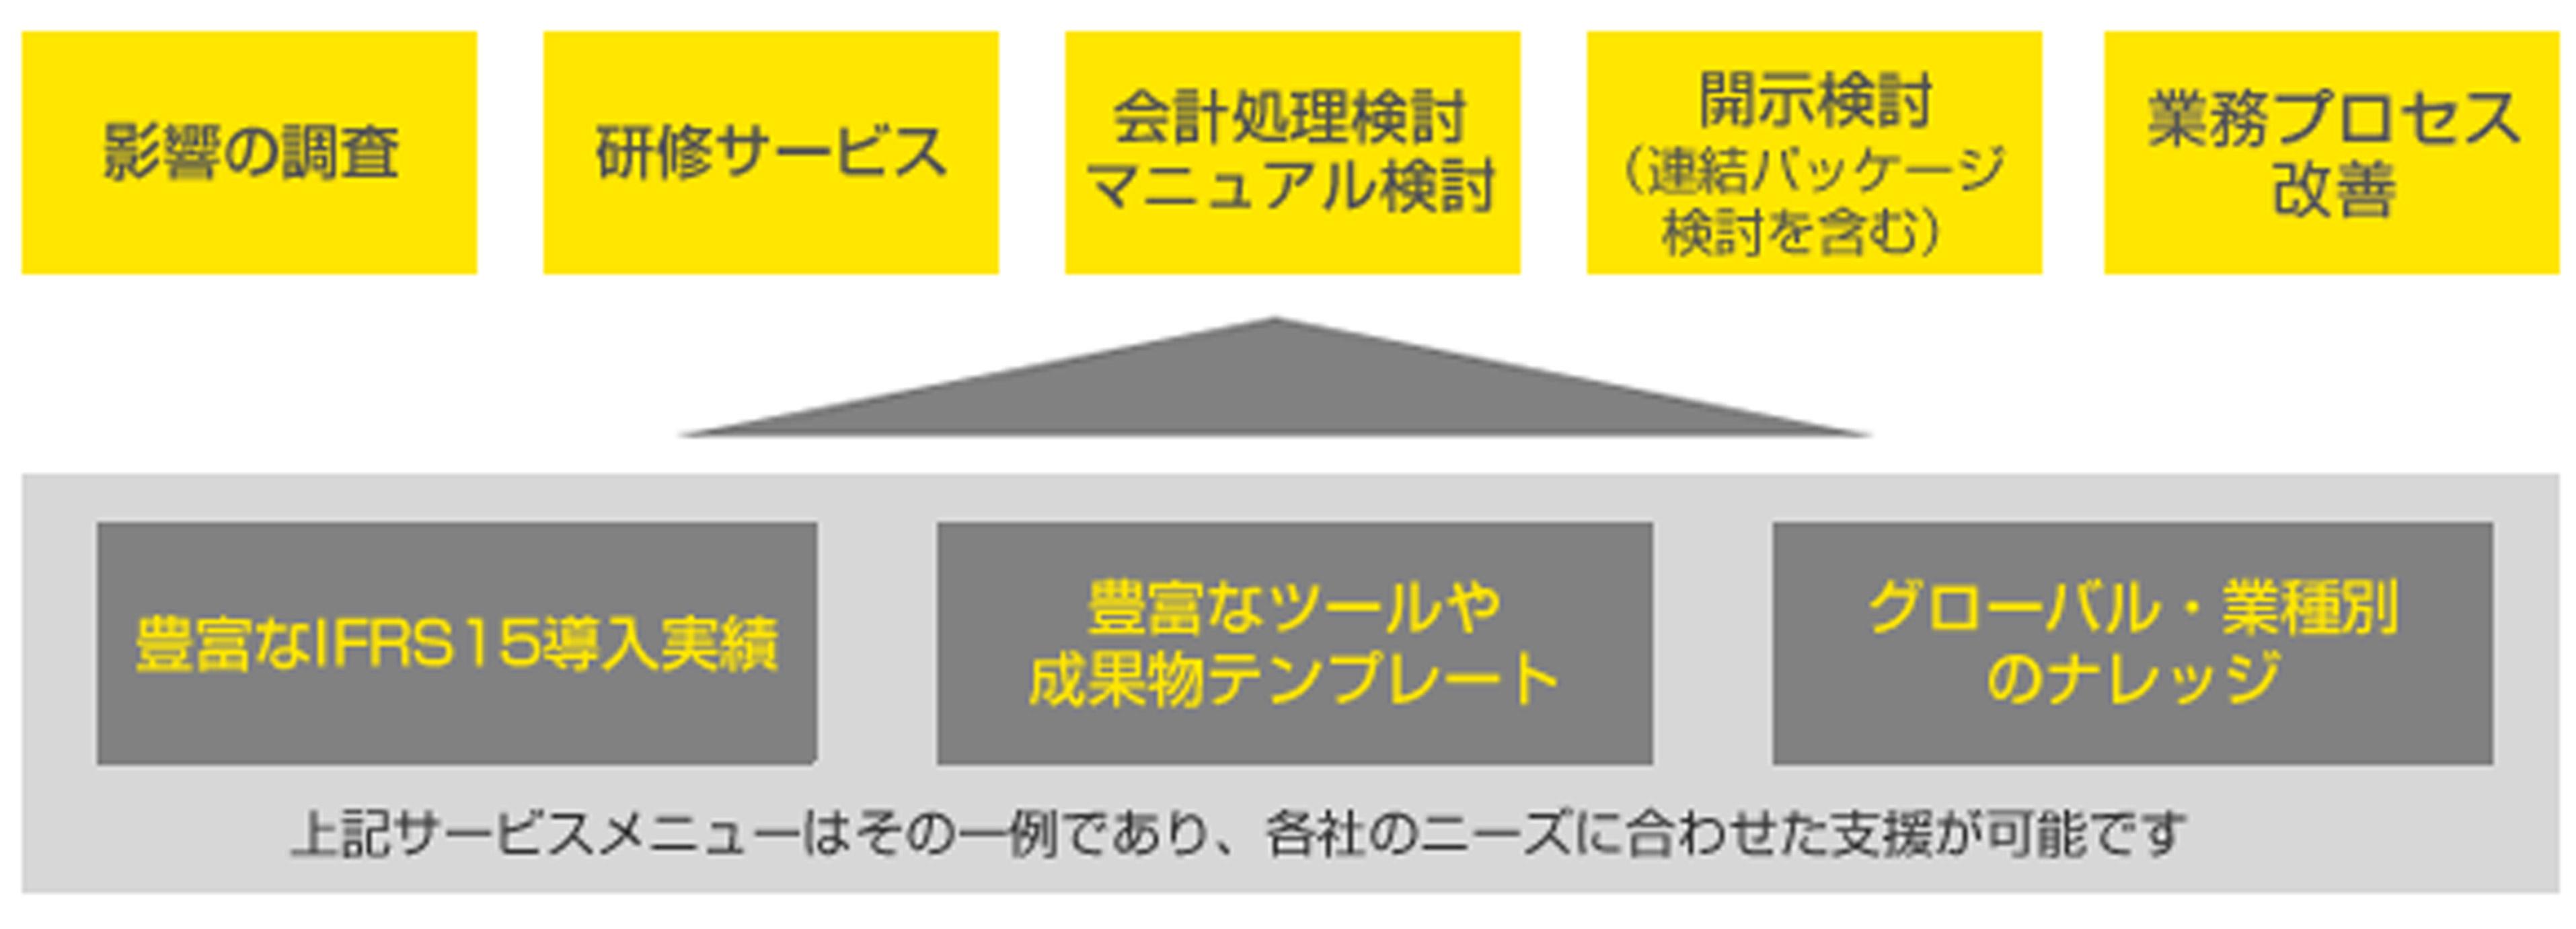 「収益認識に関する会計基準」の移行支援